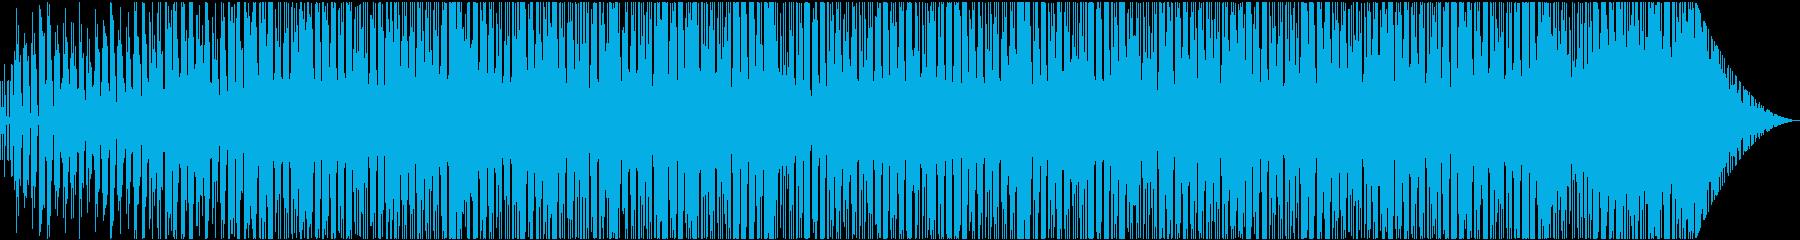 都会的でジャジーなレイドバックピアノの再生済みの波形